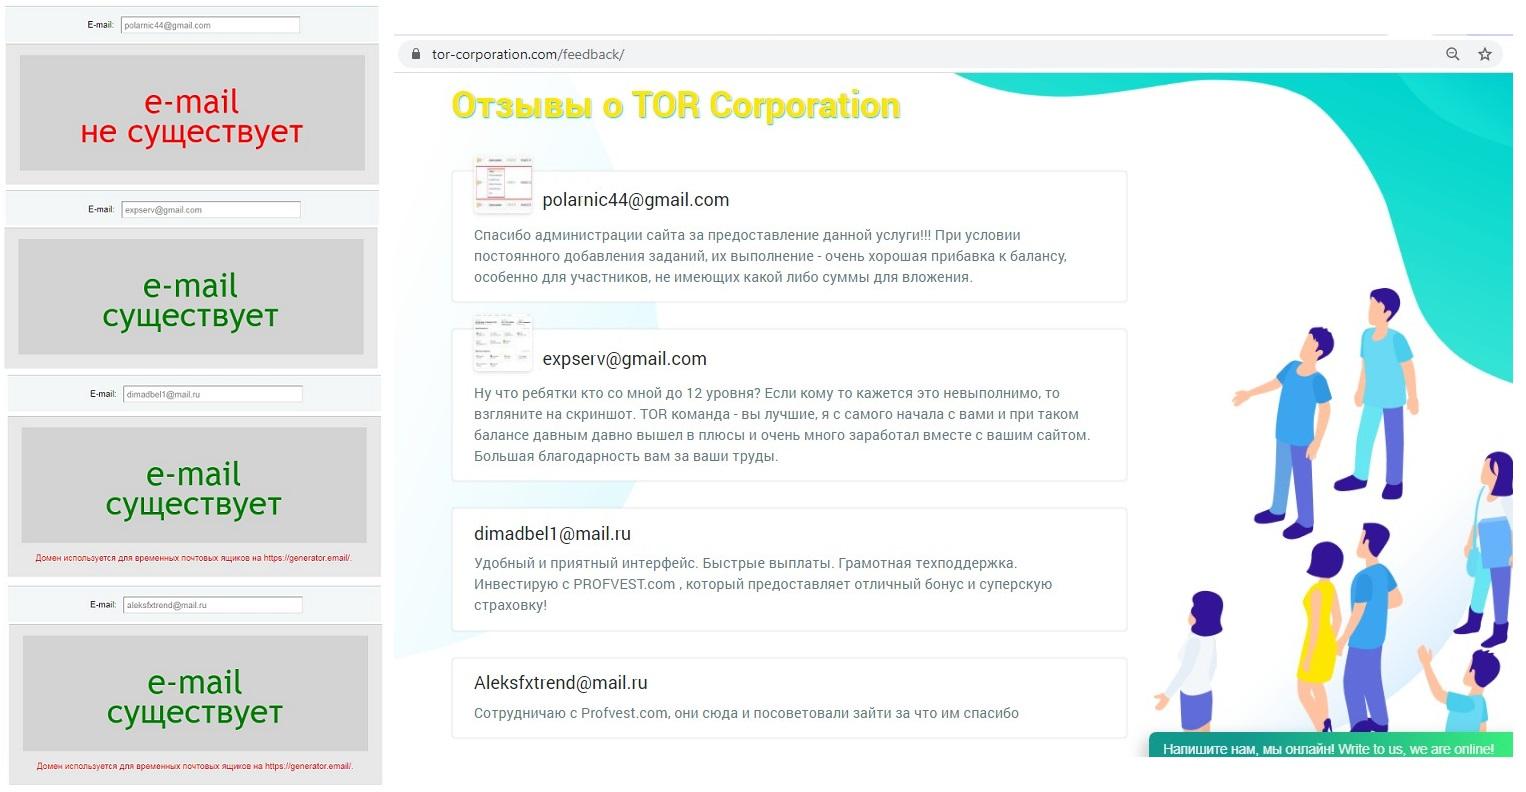 Отзывы на tor-corporation.com